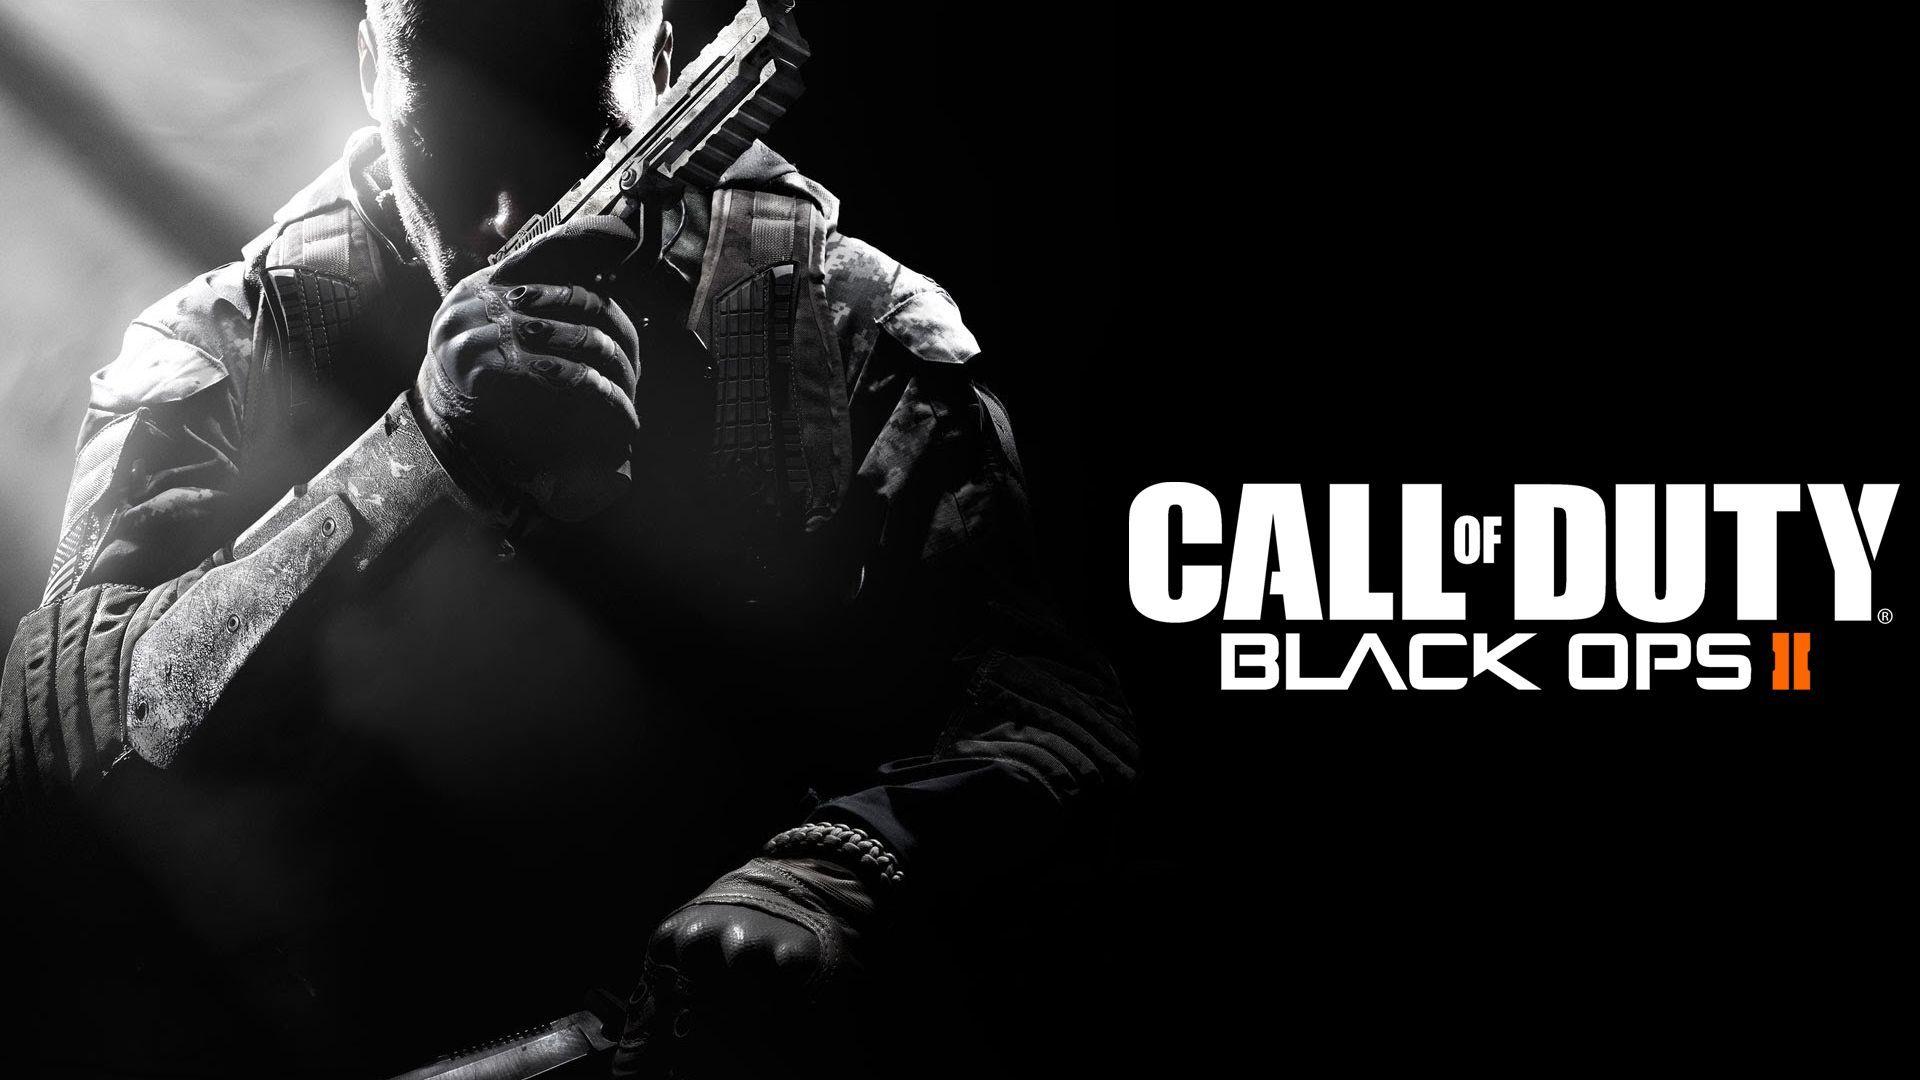 Enizr Com Call Of Duty Black Ops 2 New E3 Trailer Call Of Duty Black Ops Call Of Duty Black Ops